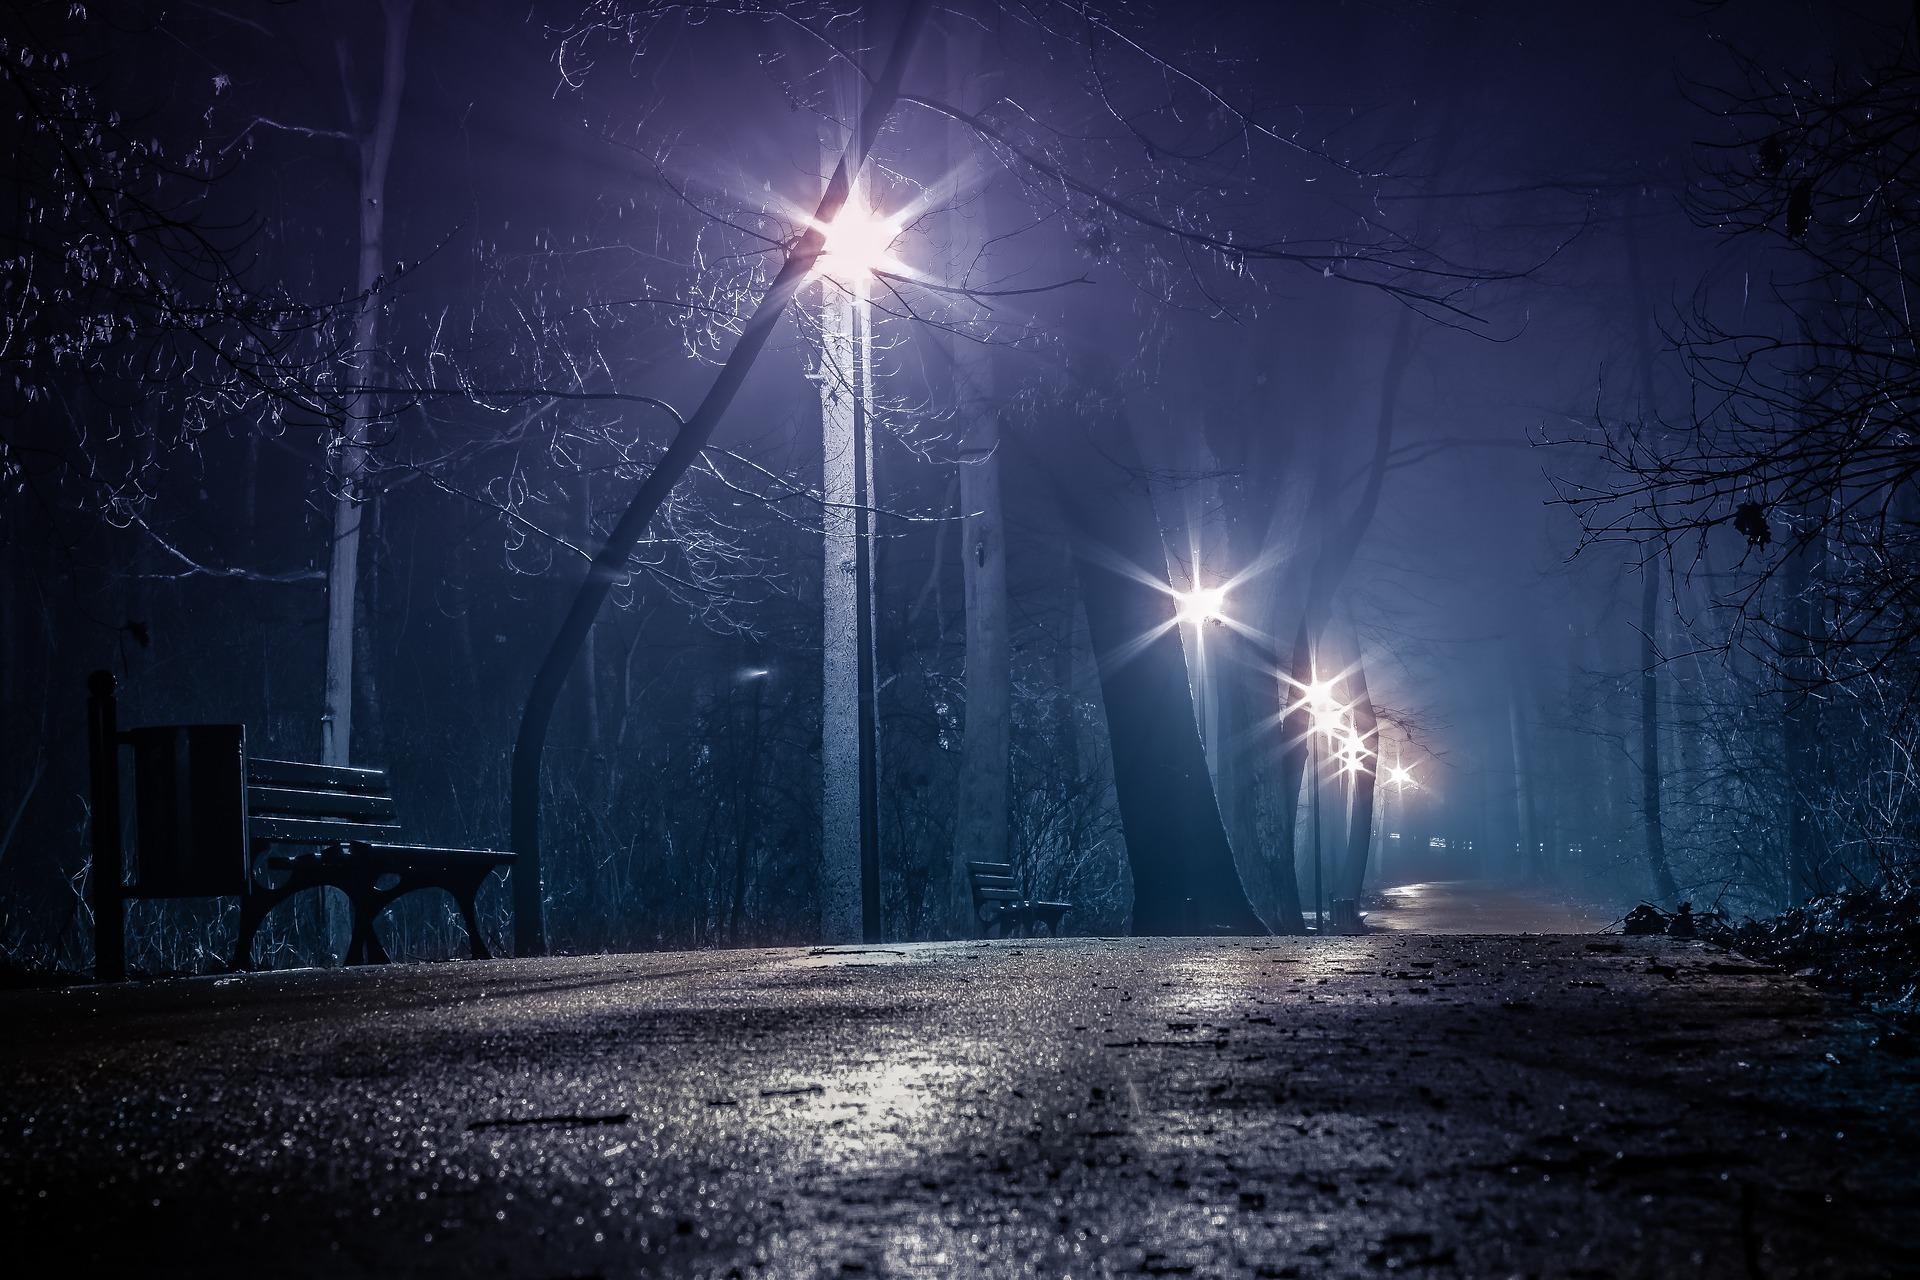 dark-park-3461023_1920.jpg